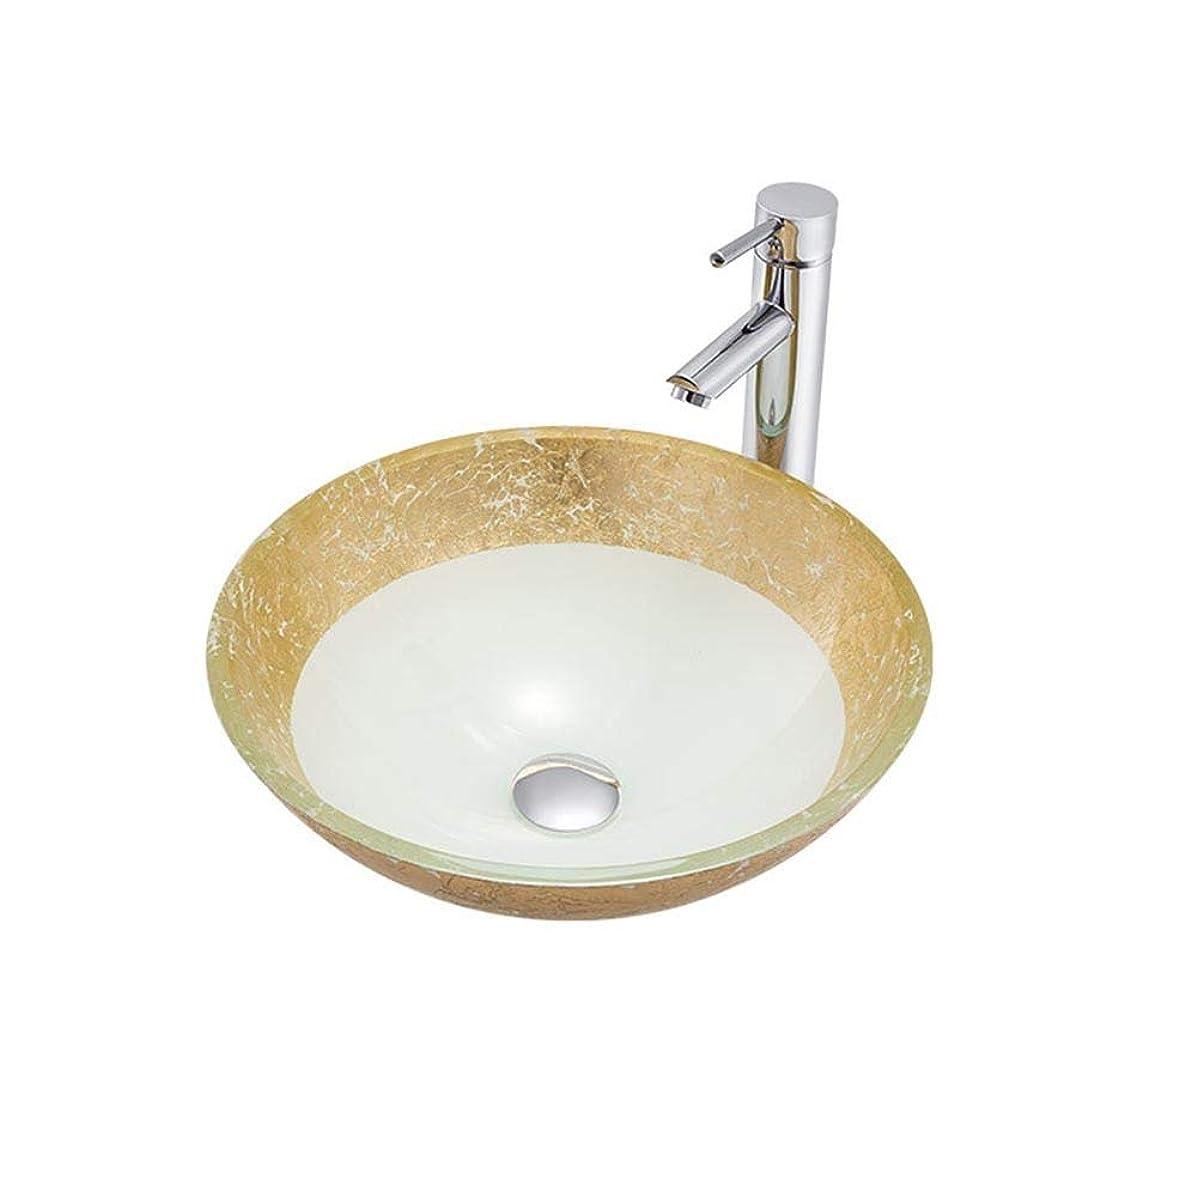 お酒こしょう逆さまに洗面ボール オイルラバーブロンズの蛇口、ポップアップドレインコンボバスルームシンク付き手描き強化ガラス容器シンク、ラウンド形状 浴室洗面台 (Color : White, Size : 42x42x14.5cm)